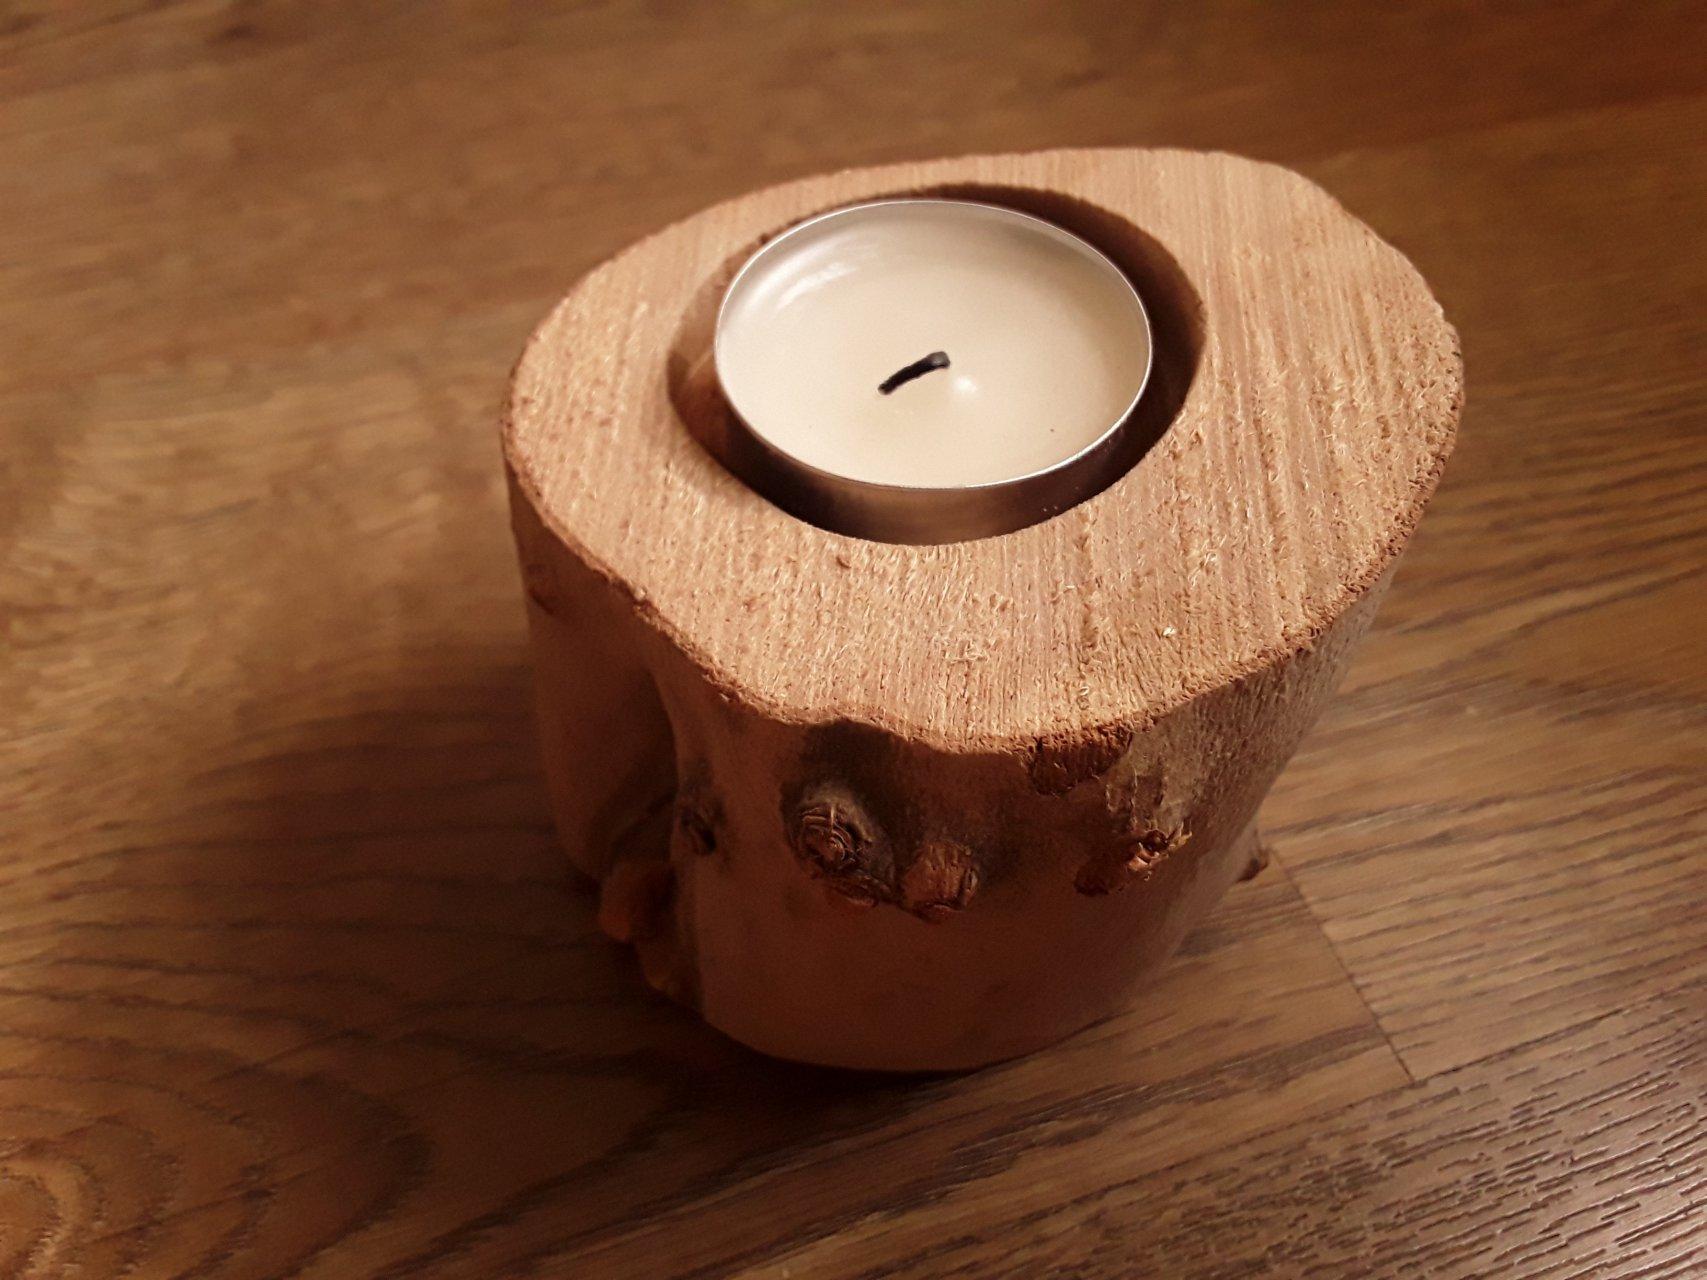 جا شمعی چوبی جنگلی